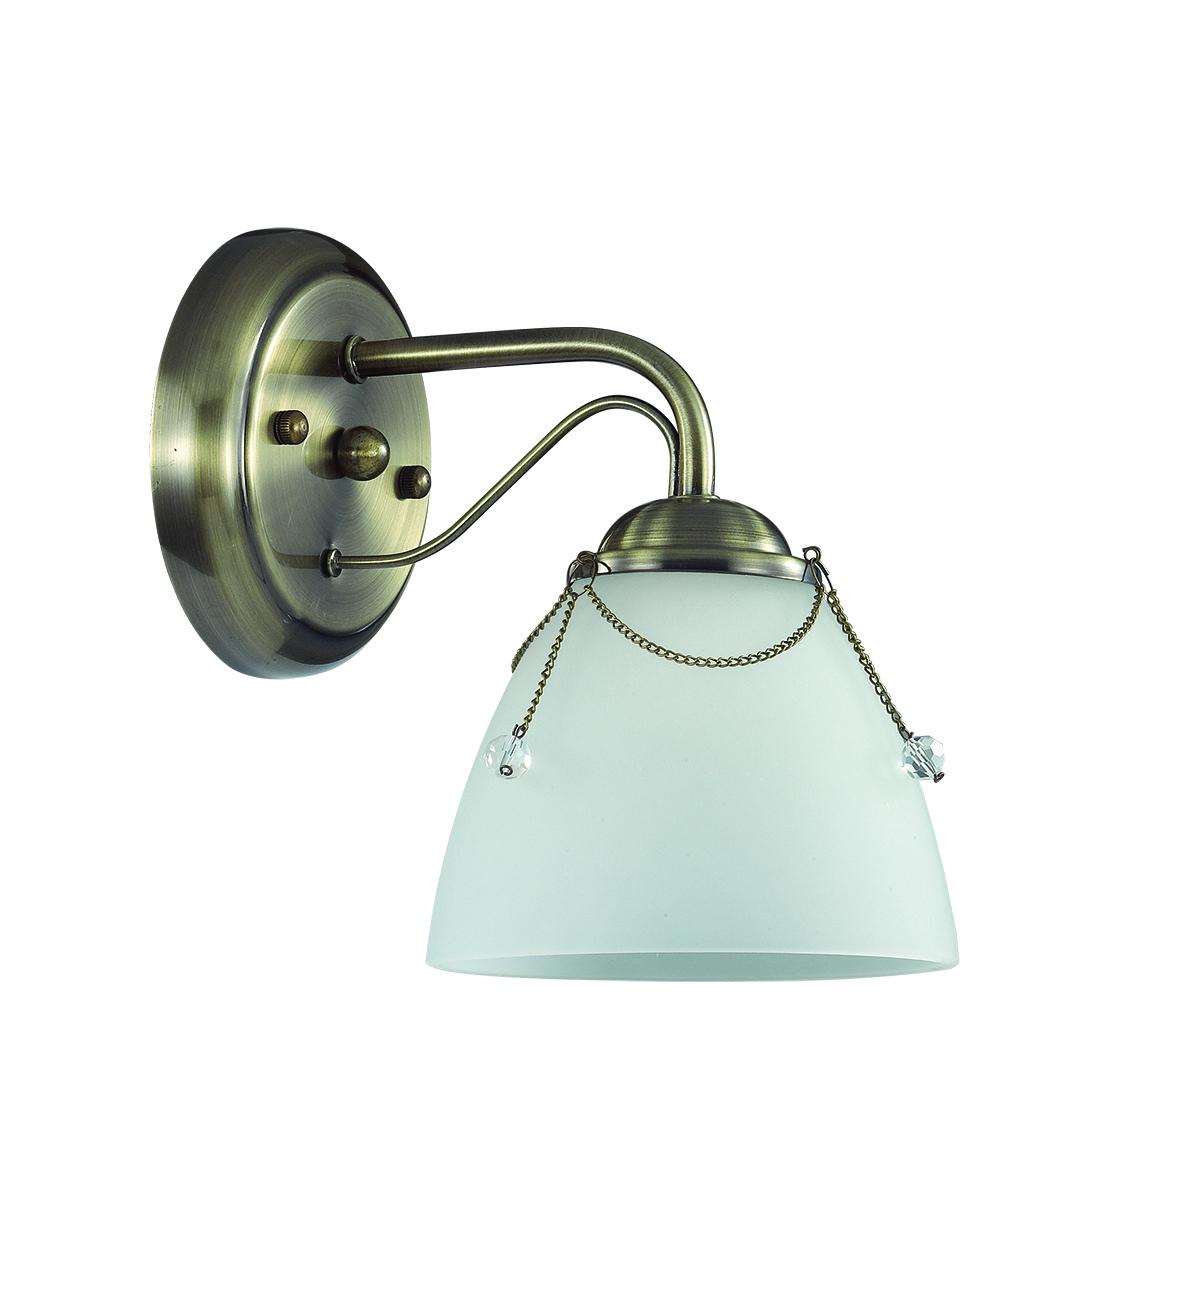 Бра Lumion Debora 3146/1W, 1xE14x60W, бронза, прозрачный, металл, стекло - фото 2